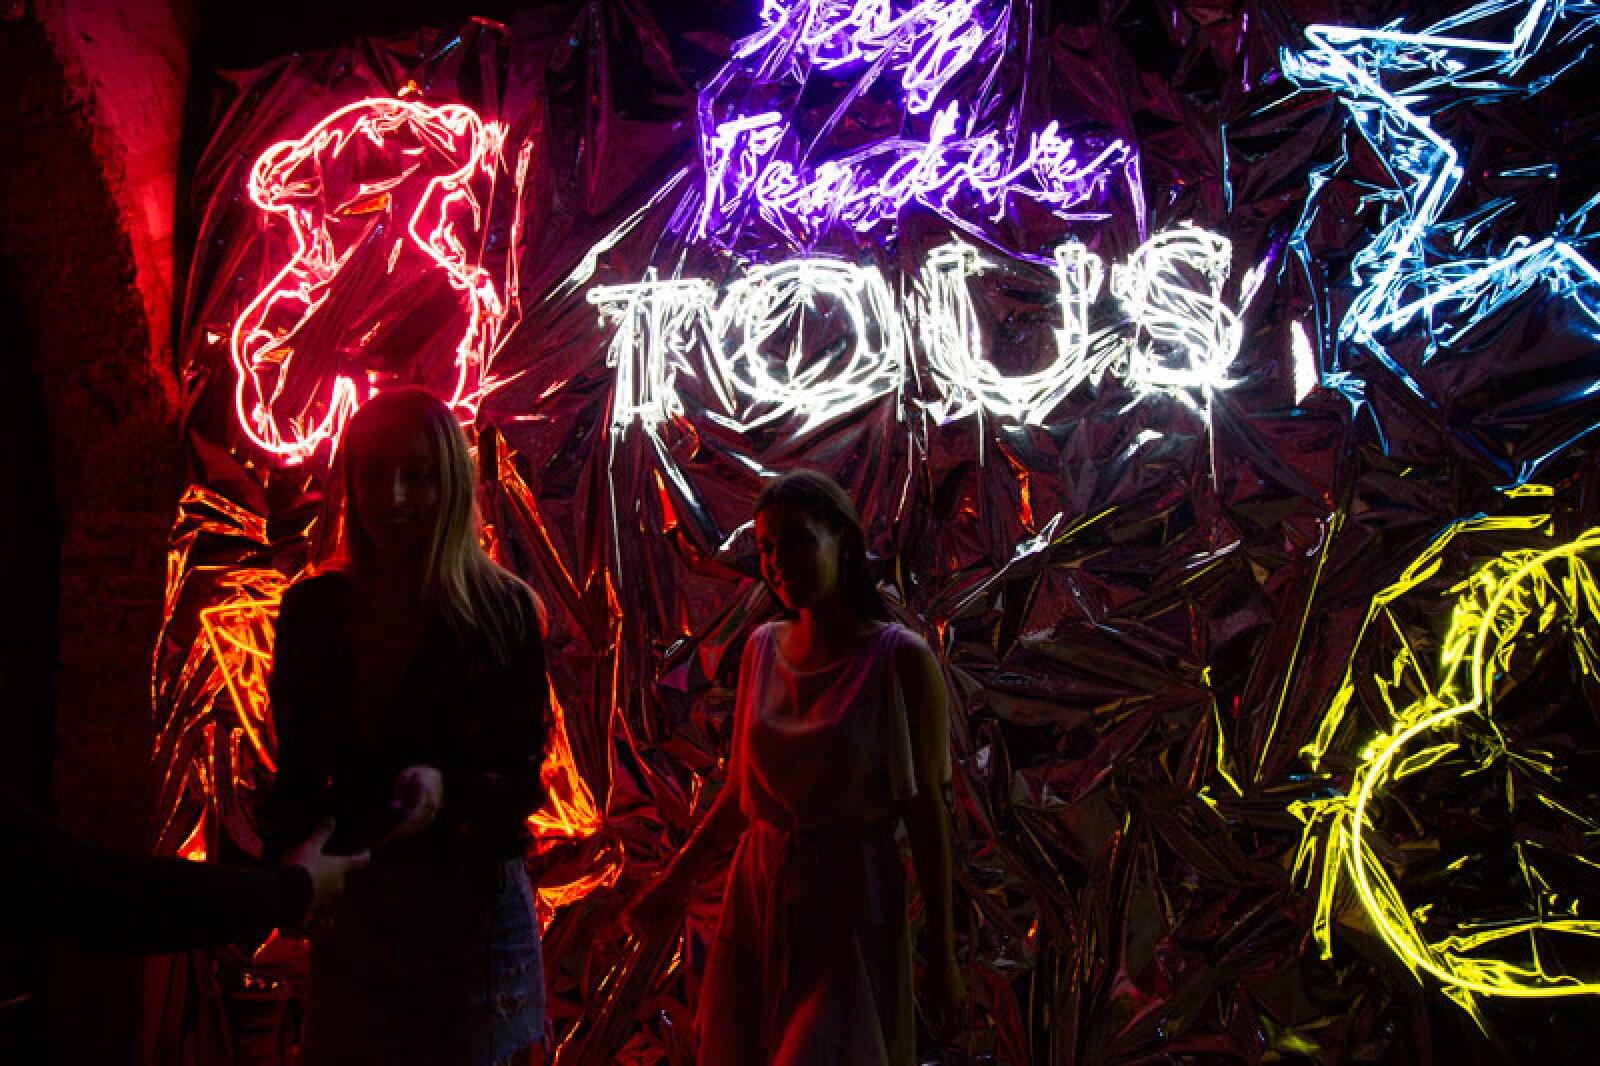 TOUS-x-ELLE-Neon-Lights